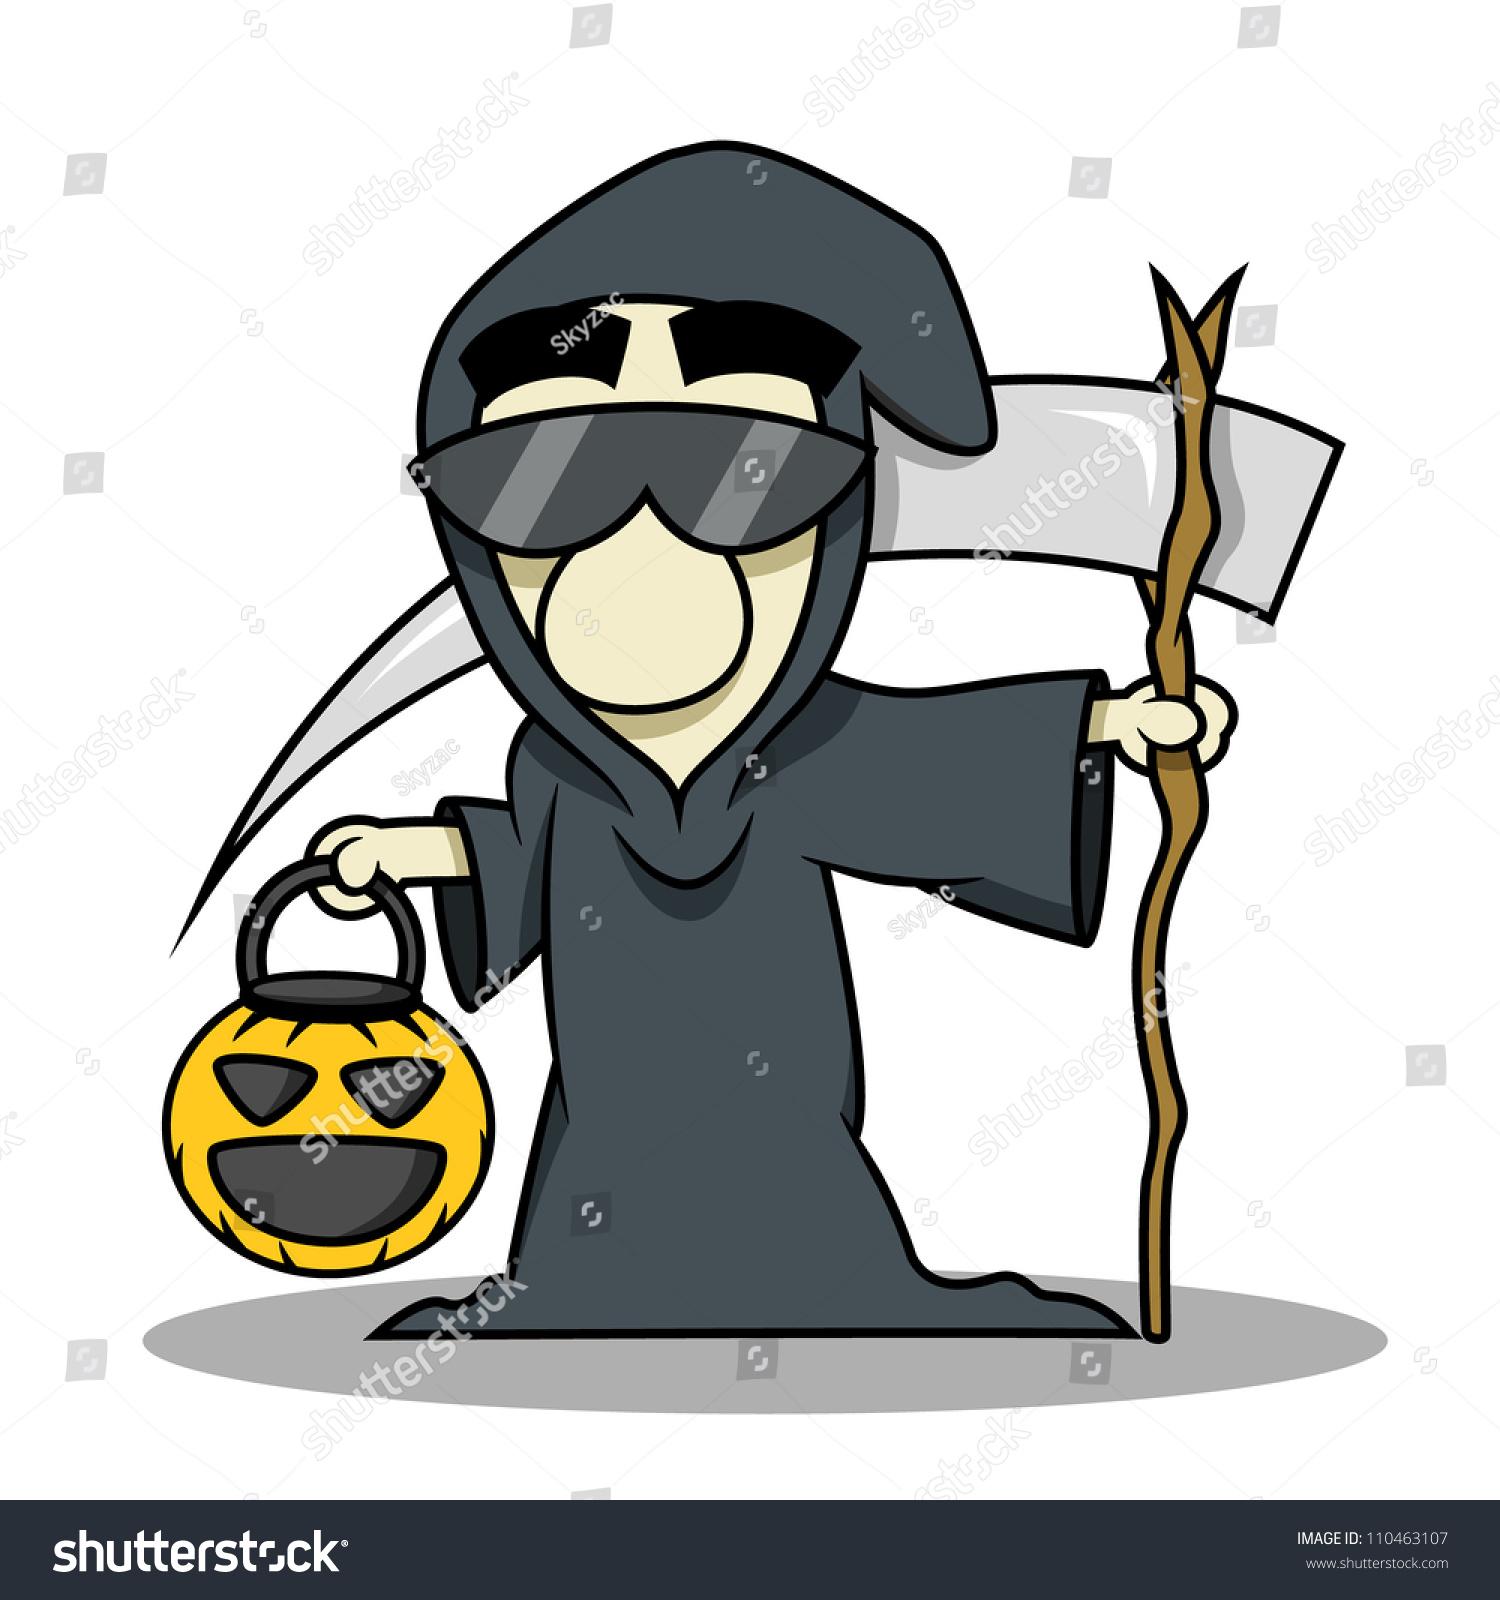 People Wear Death Reaper Costume Halloween Stock Vector 110463107 ...